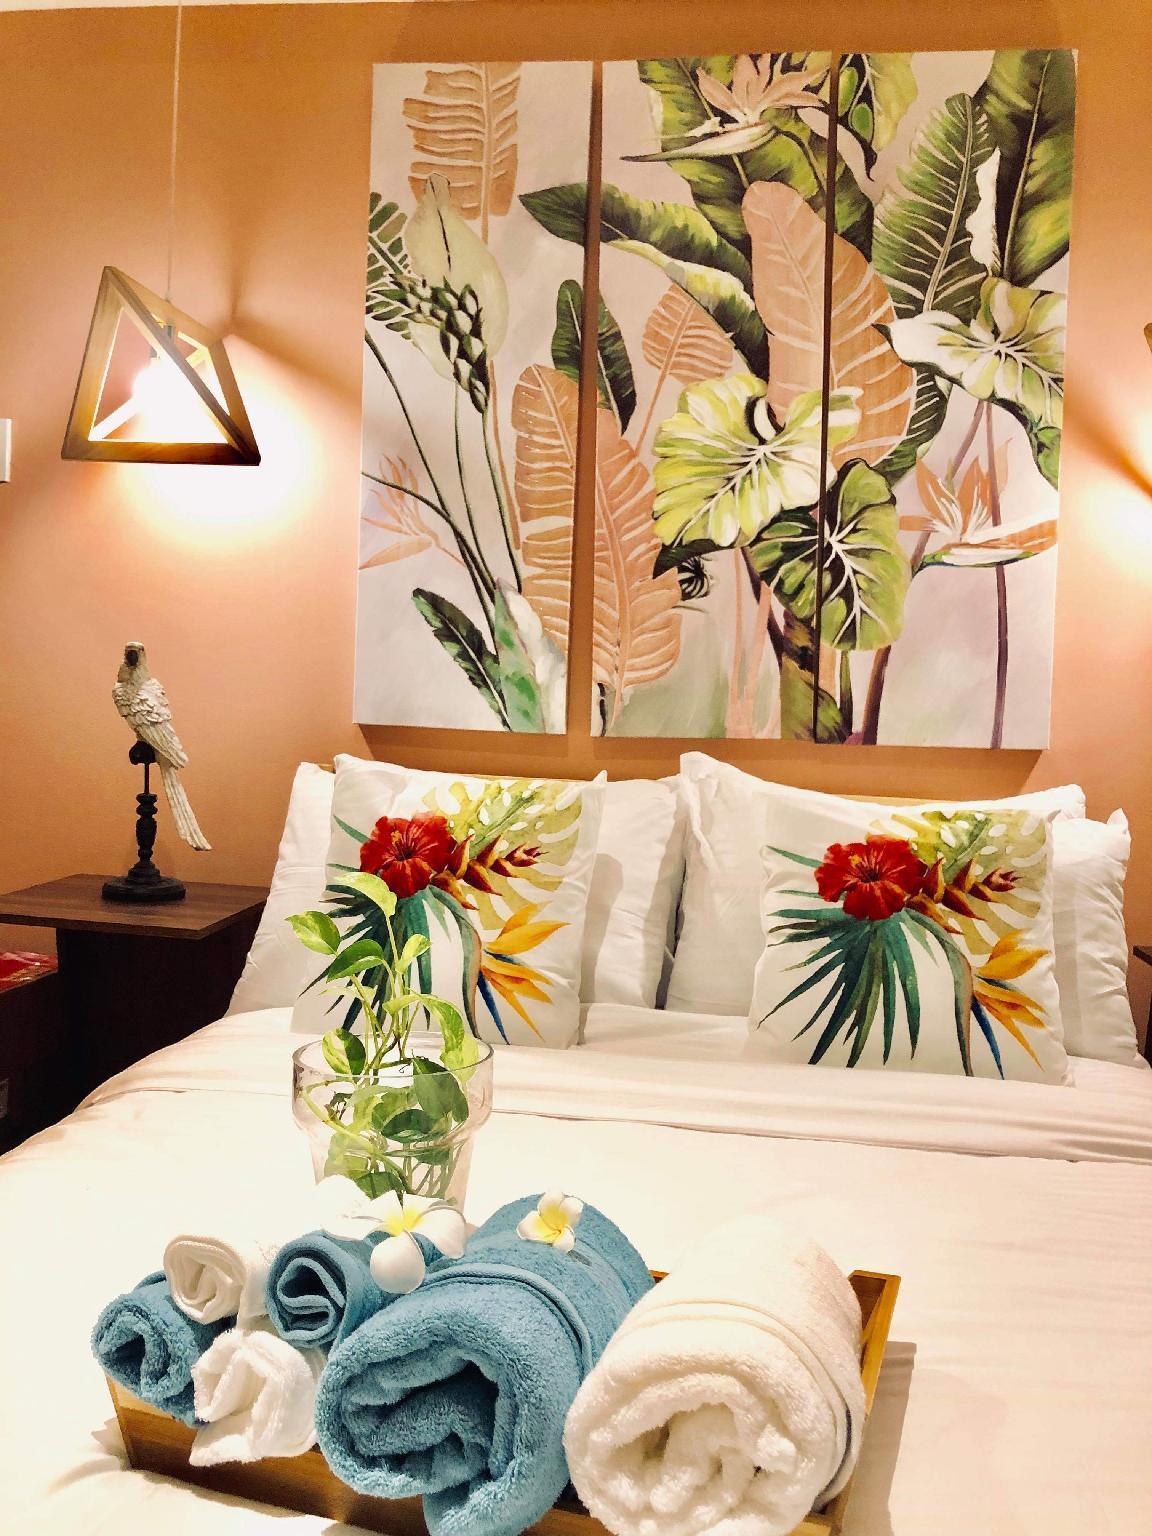 Lujene's Nest By Azure Urban Resort Residences